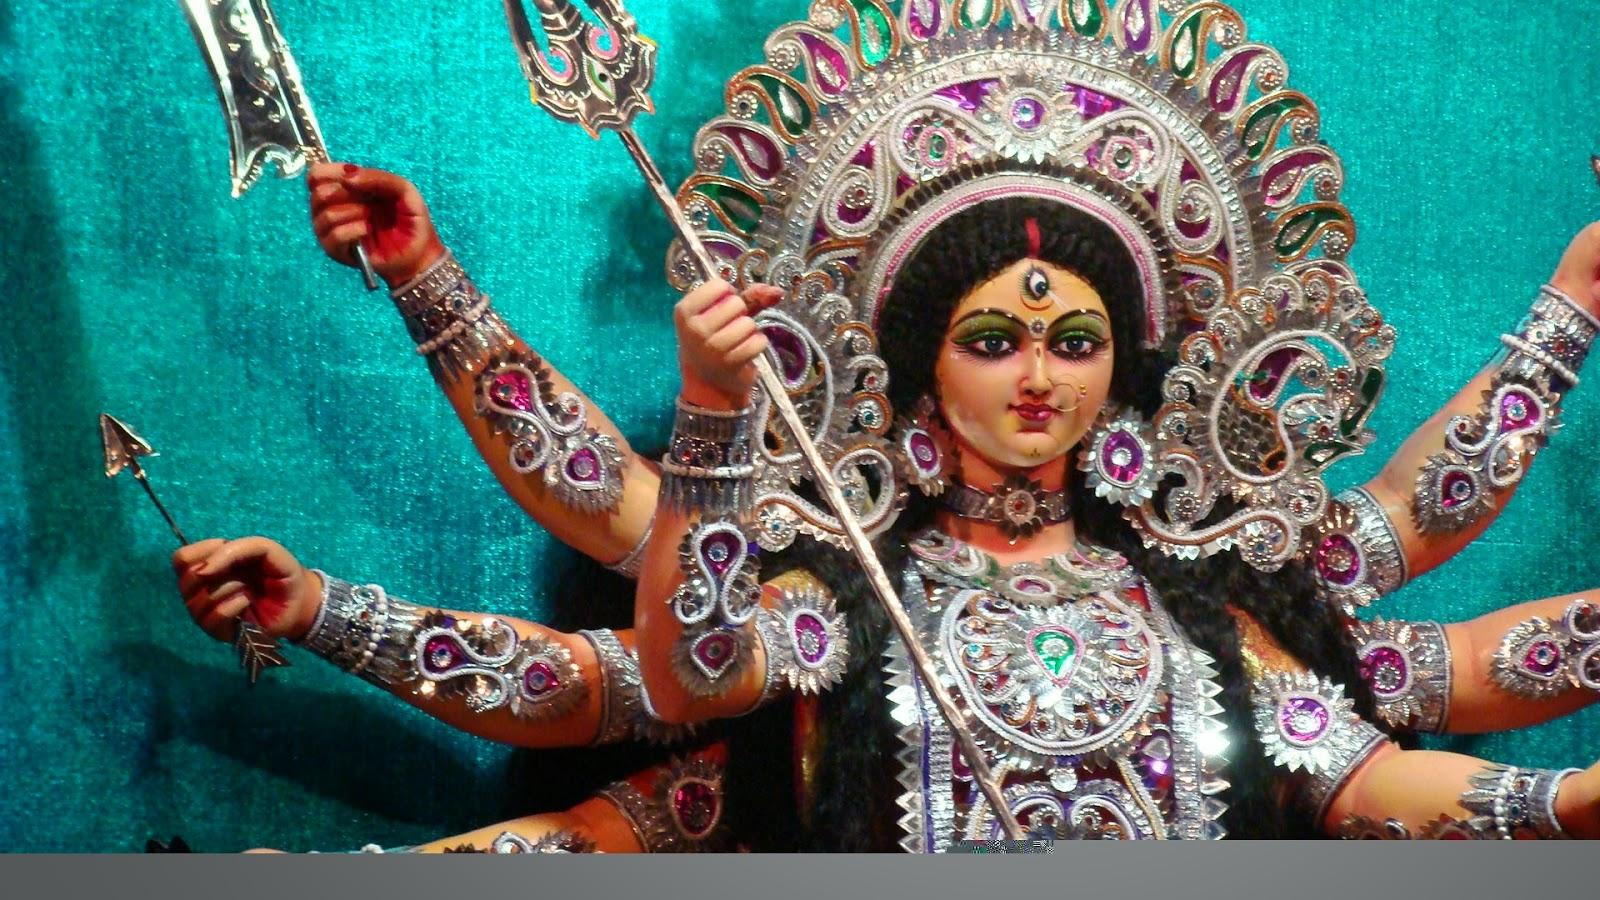 Durga Puja Hd Wallpaper: Durga Puja Wishes Lord Maa Durga Hd Free